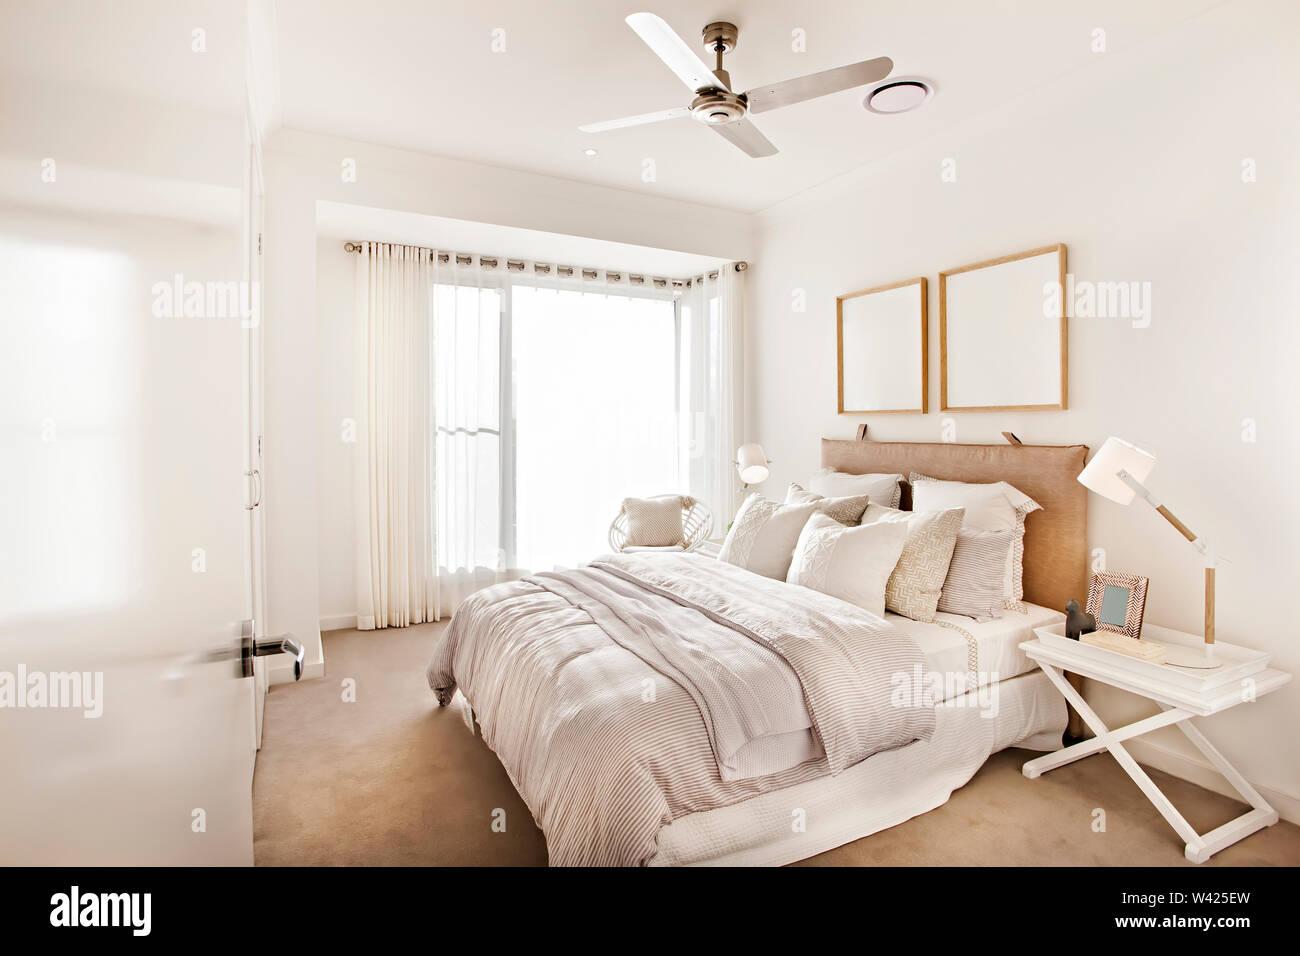 Camera Classic con letto moderno design, letti confortevoli con disegni, le pareti sono di colore bianco e i cuscini sono belli, all'interno della camera di un appartamento. Immagini Stock